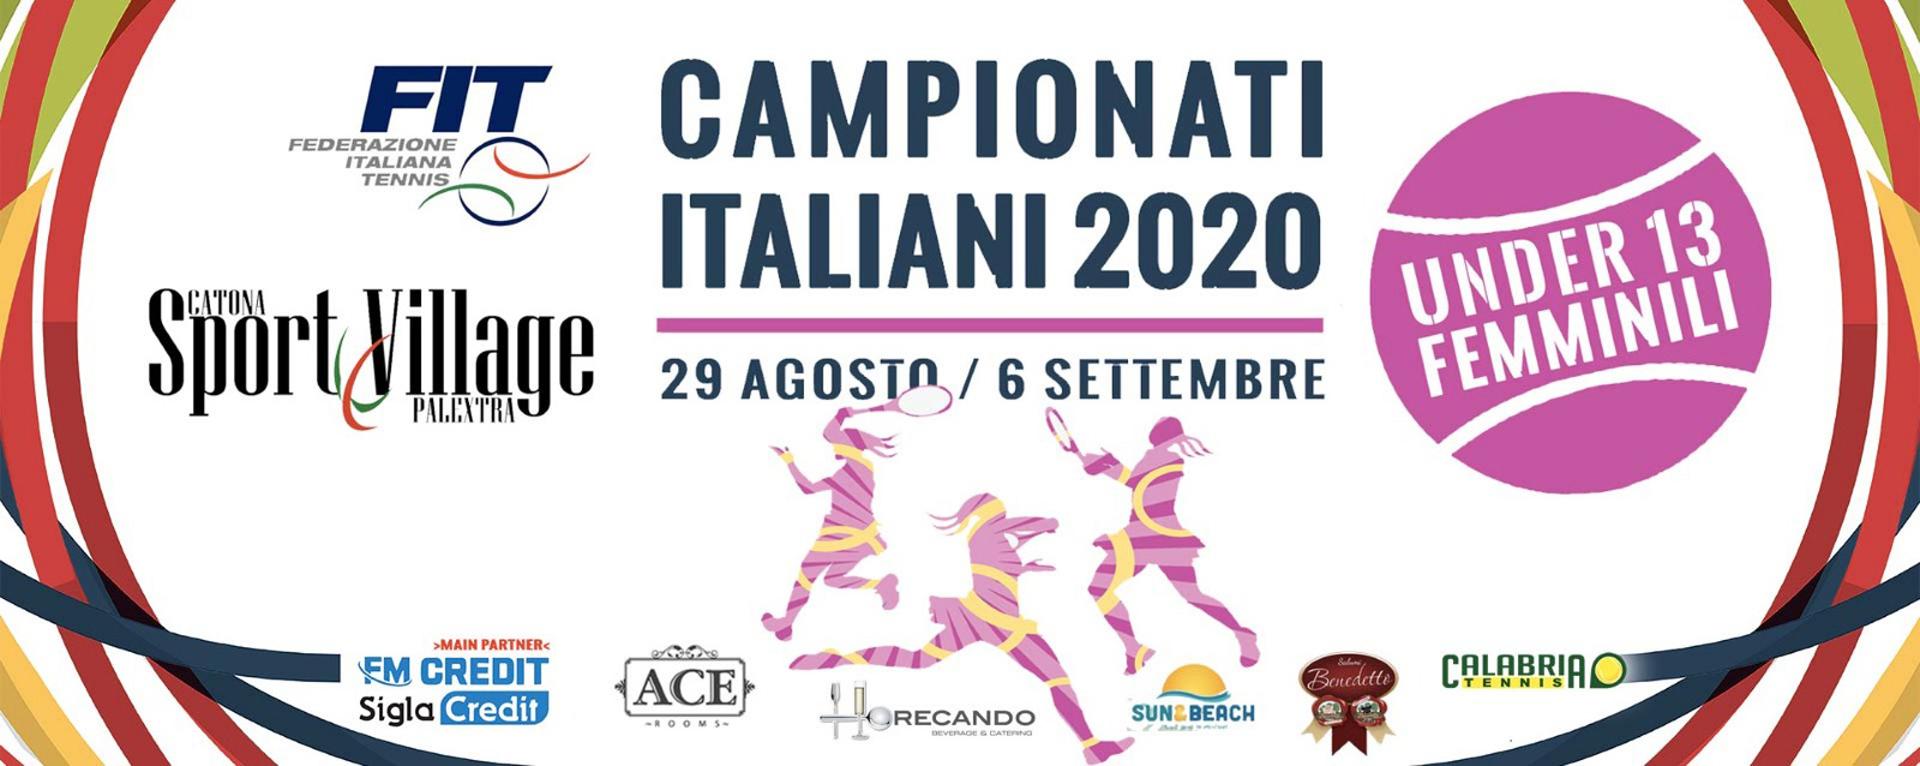 Campionati Italiani Tennis Under 13 Femminile 2020